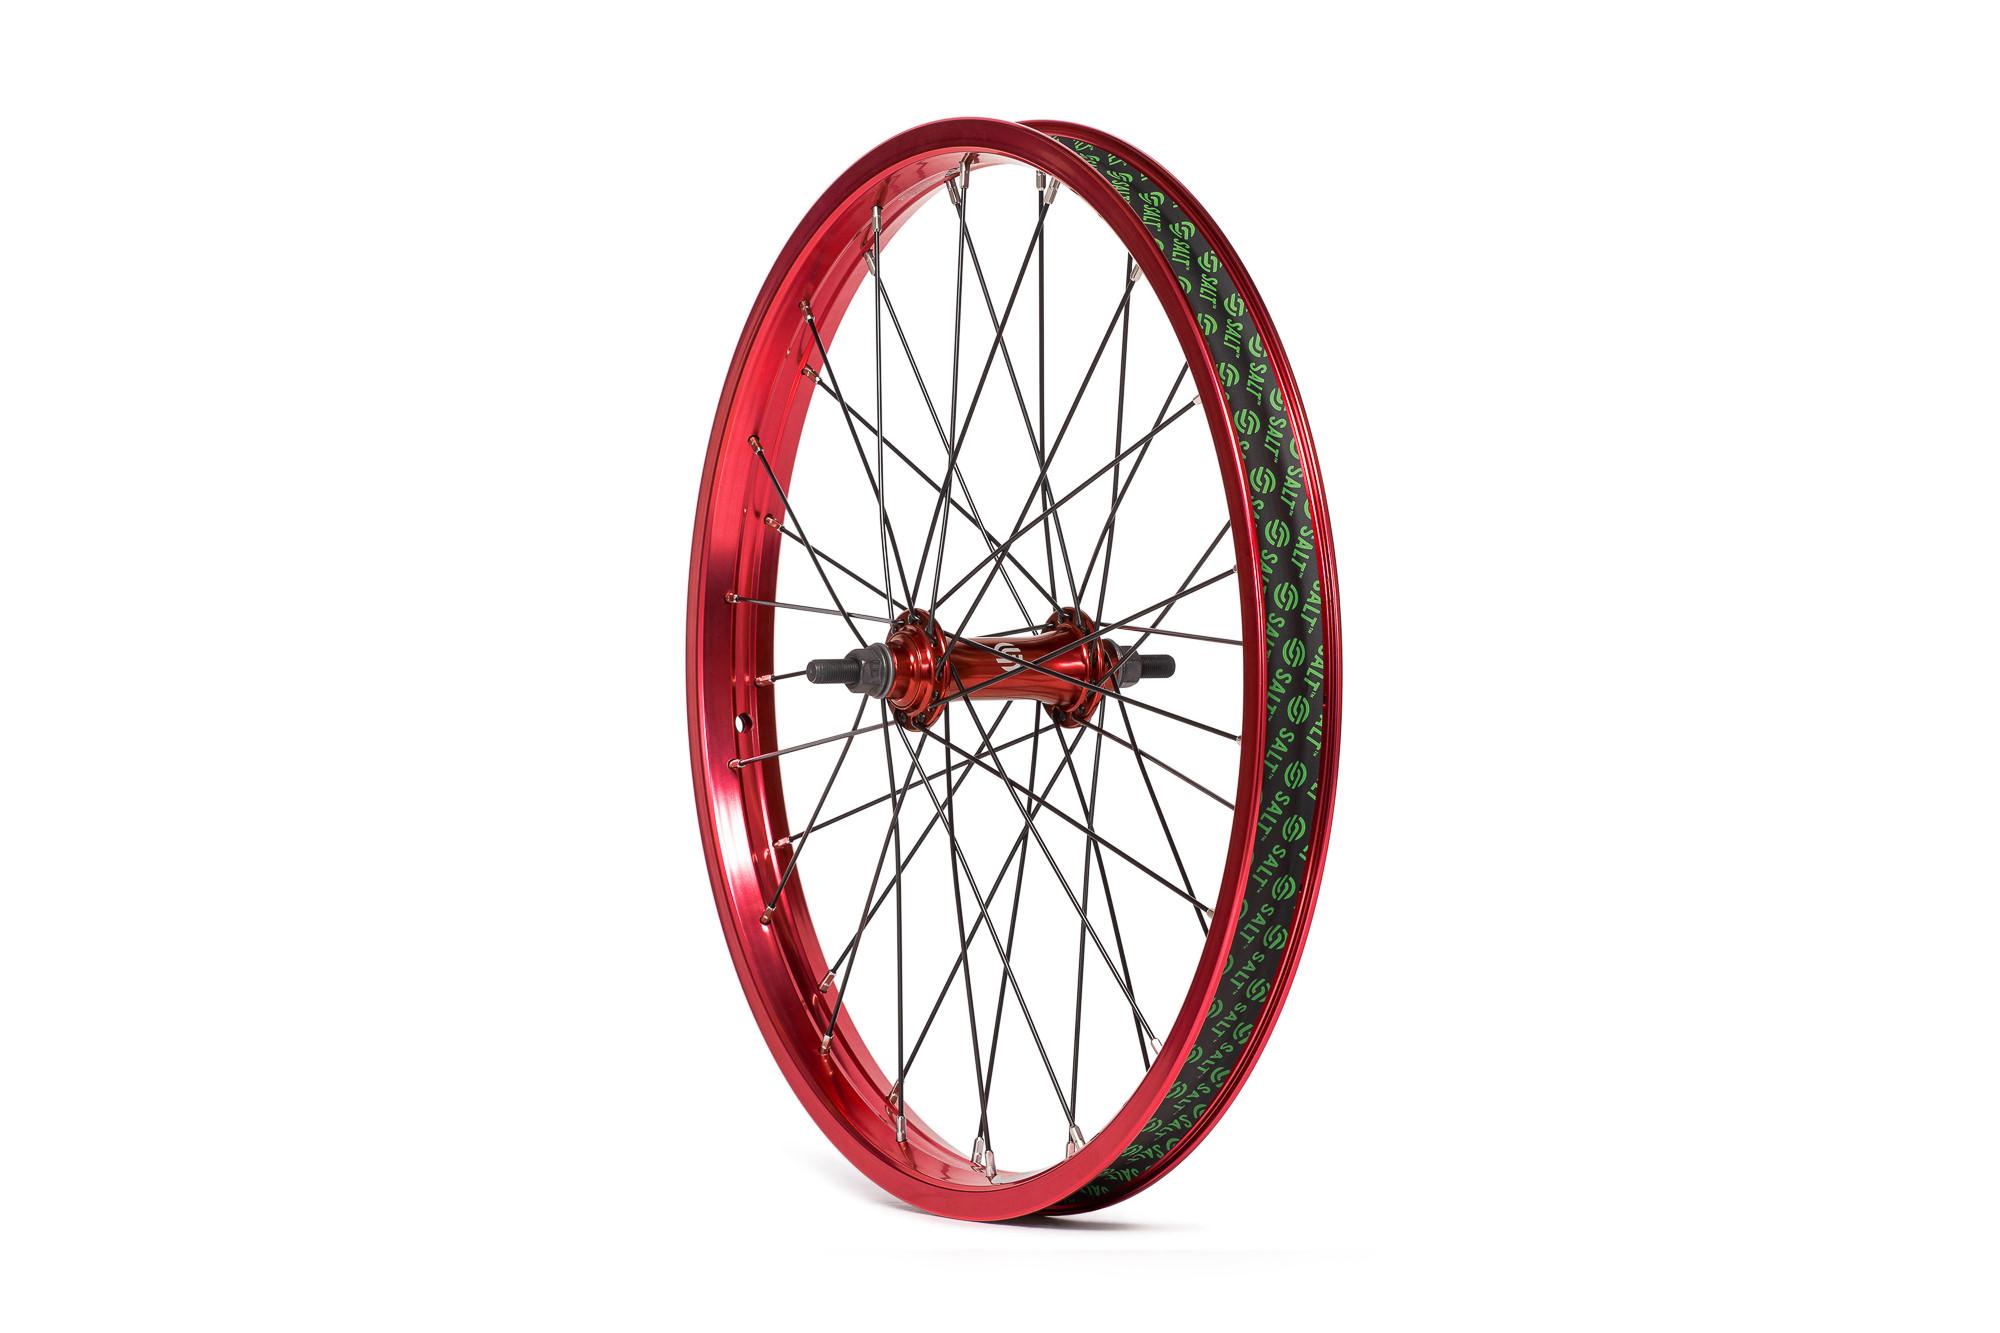 Salt_Everest_front_wheel_red_02